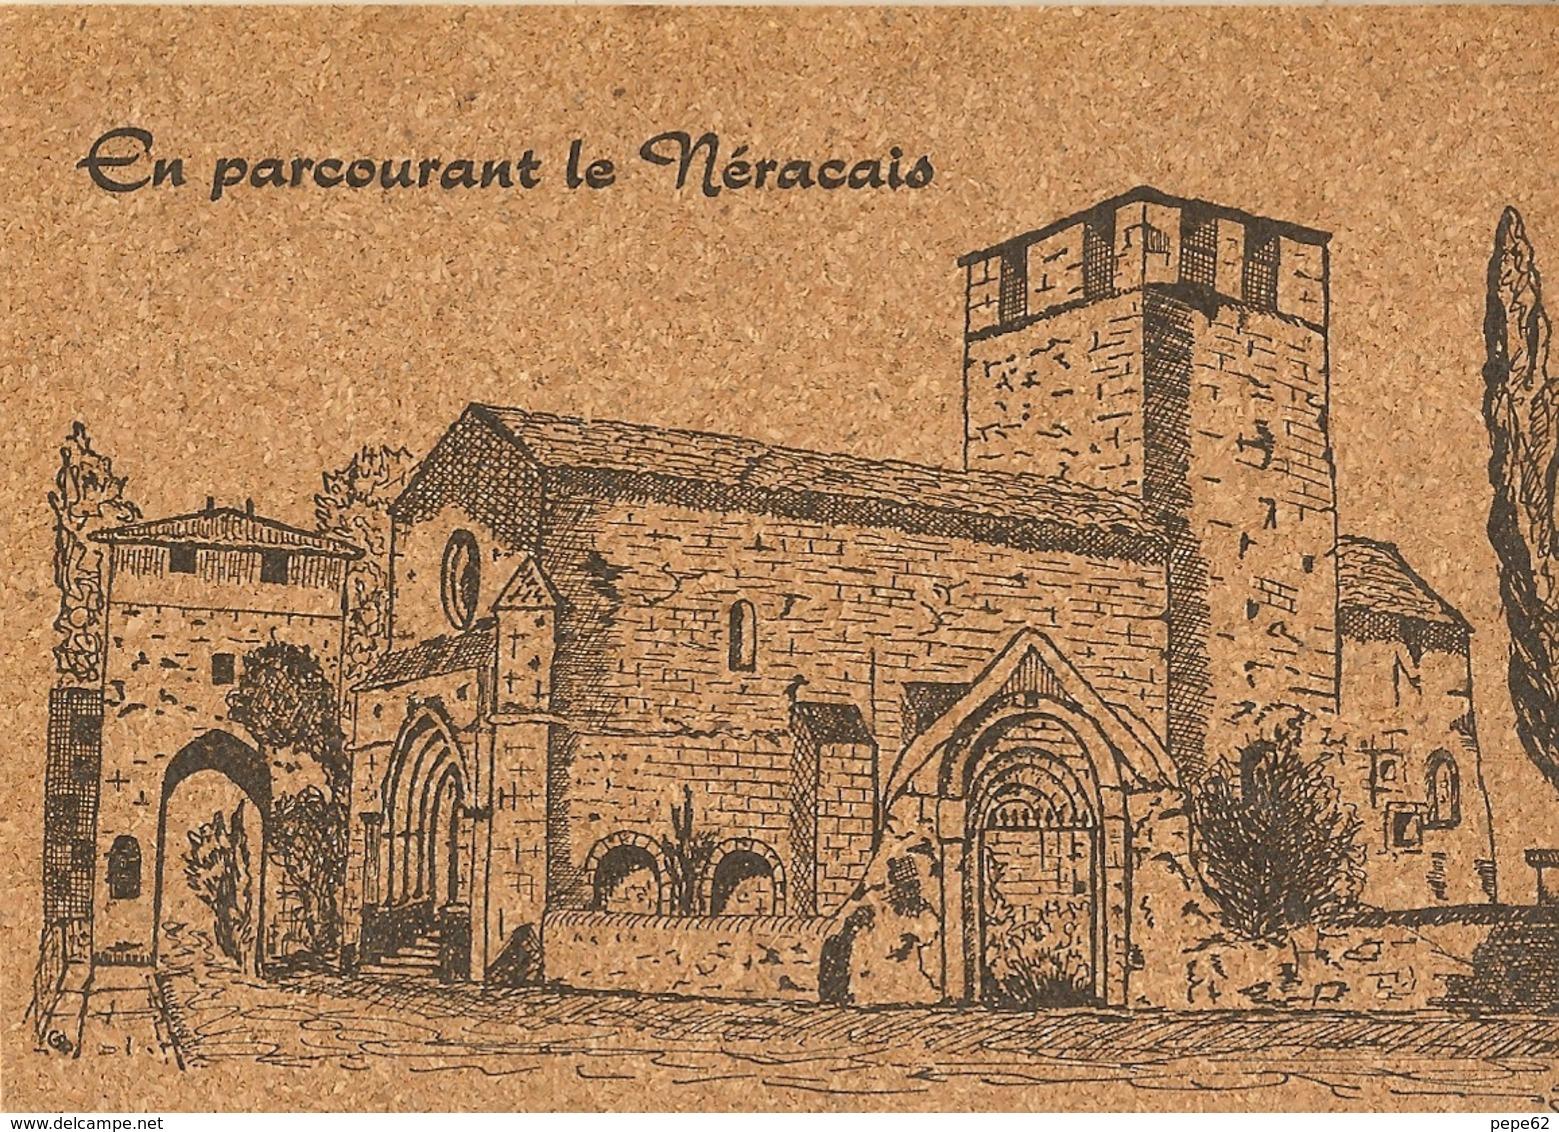 Vianne-l'église-en Parcourant Le Néracais-cpm En Liège - Cartes Postales